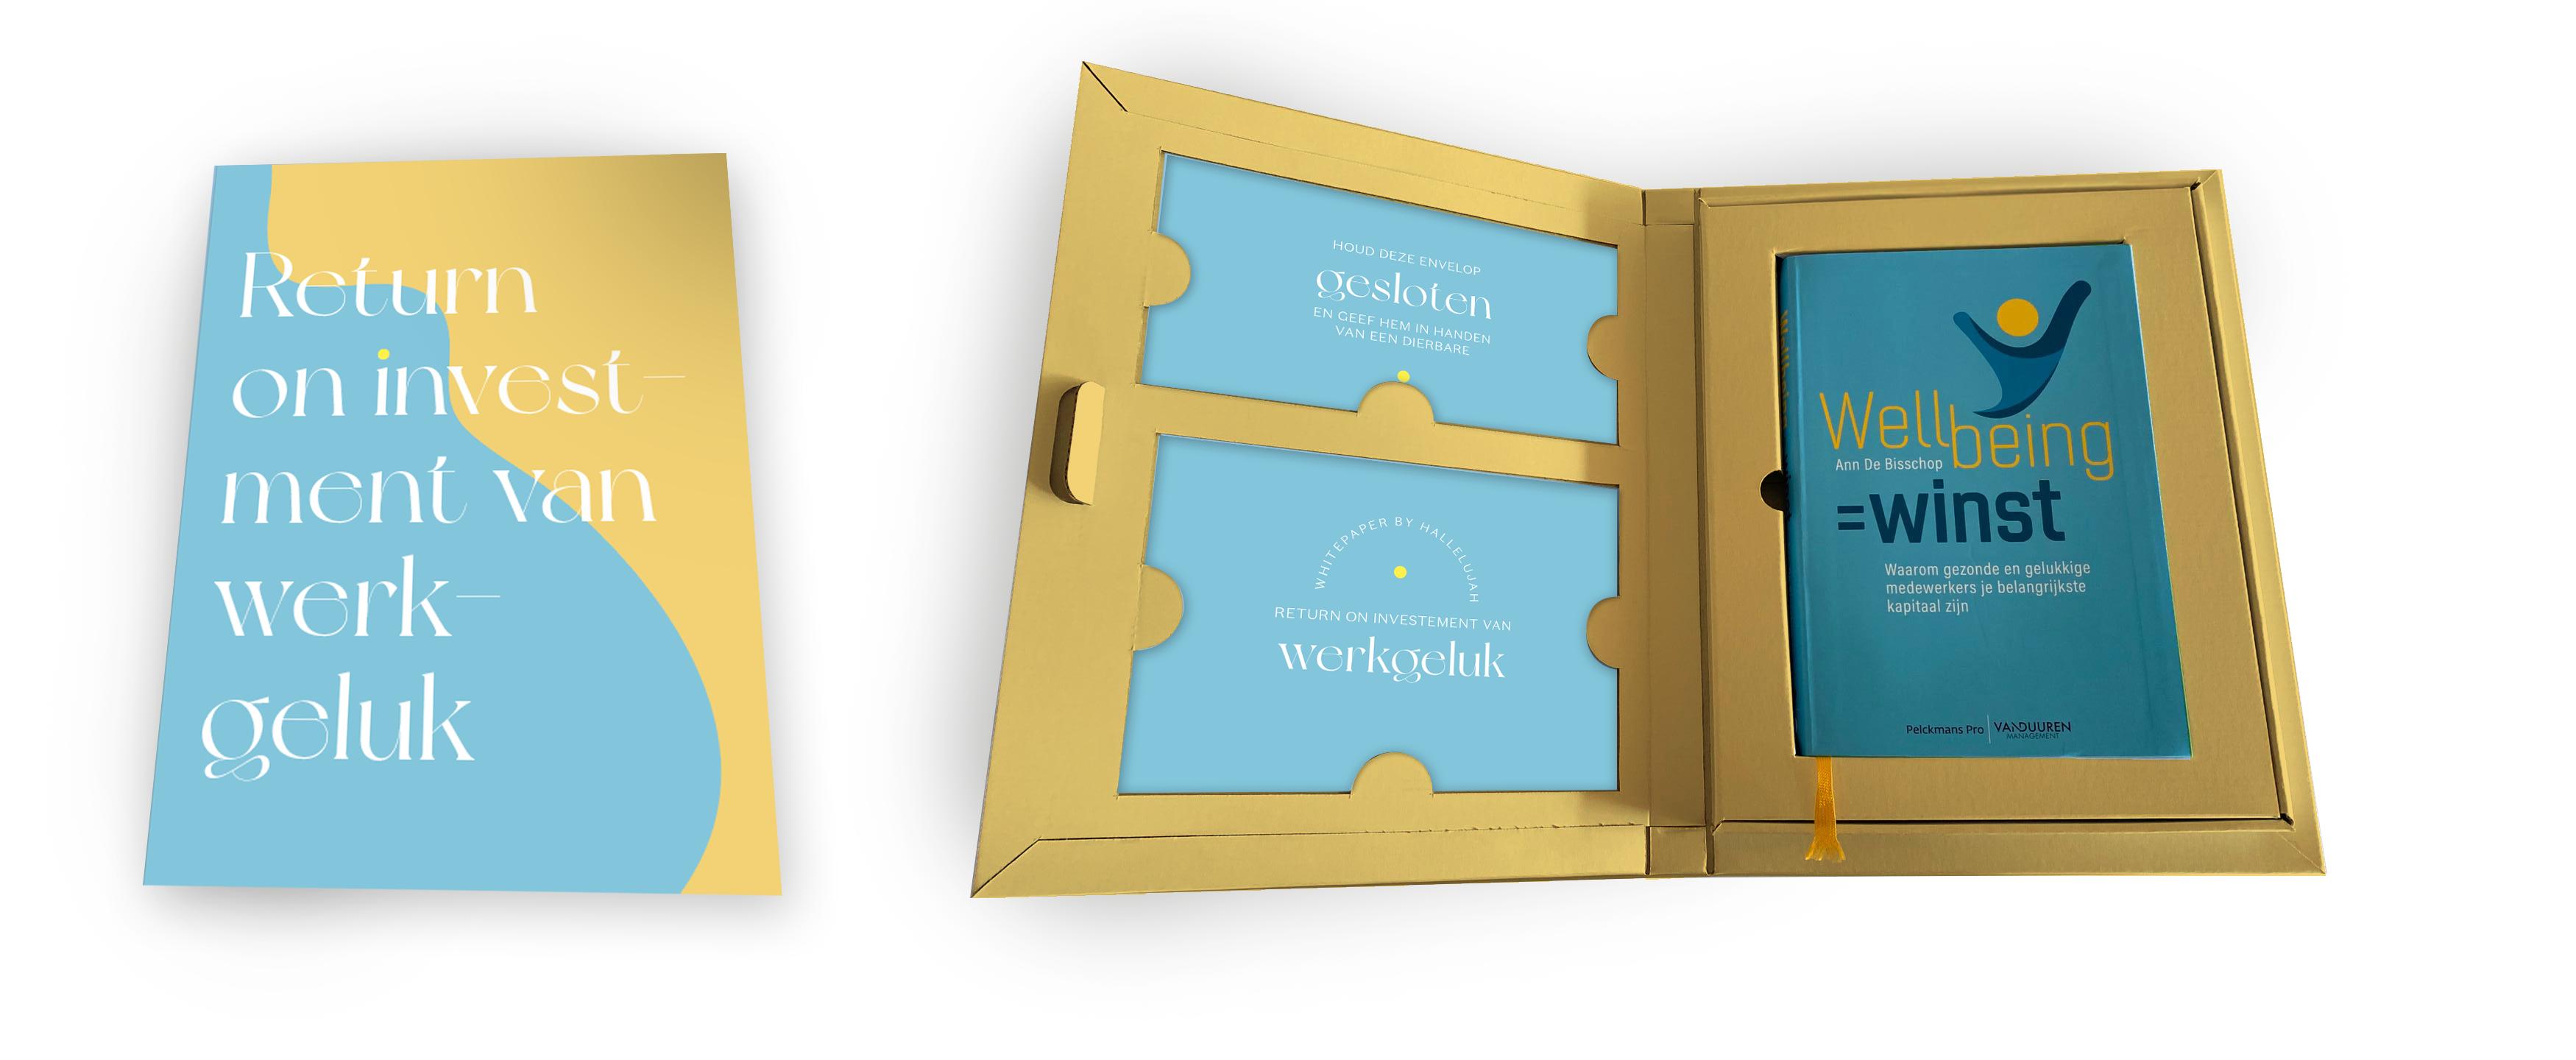 Mock-up wellbeing boek